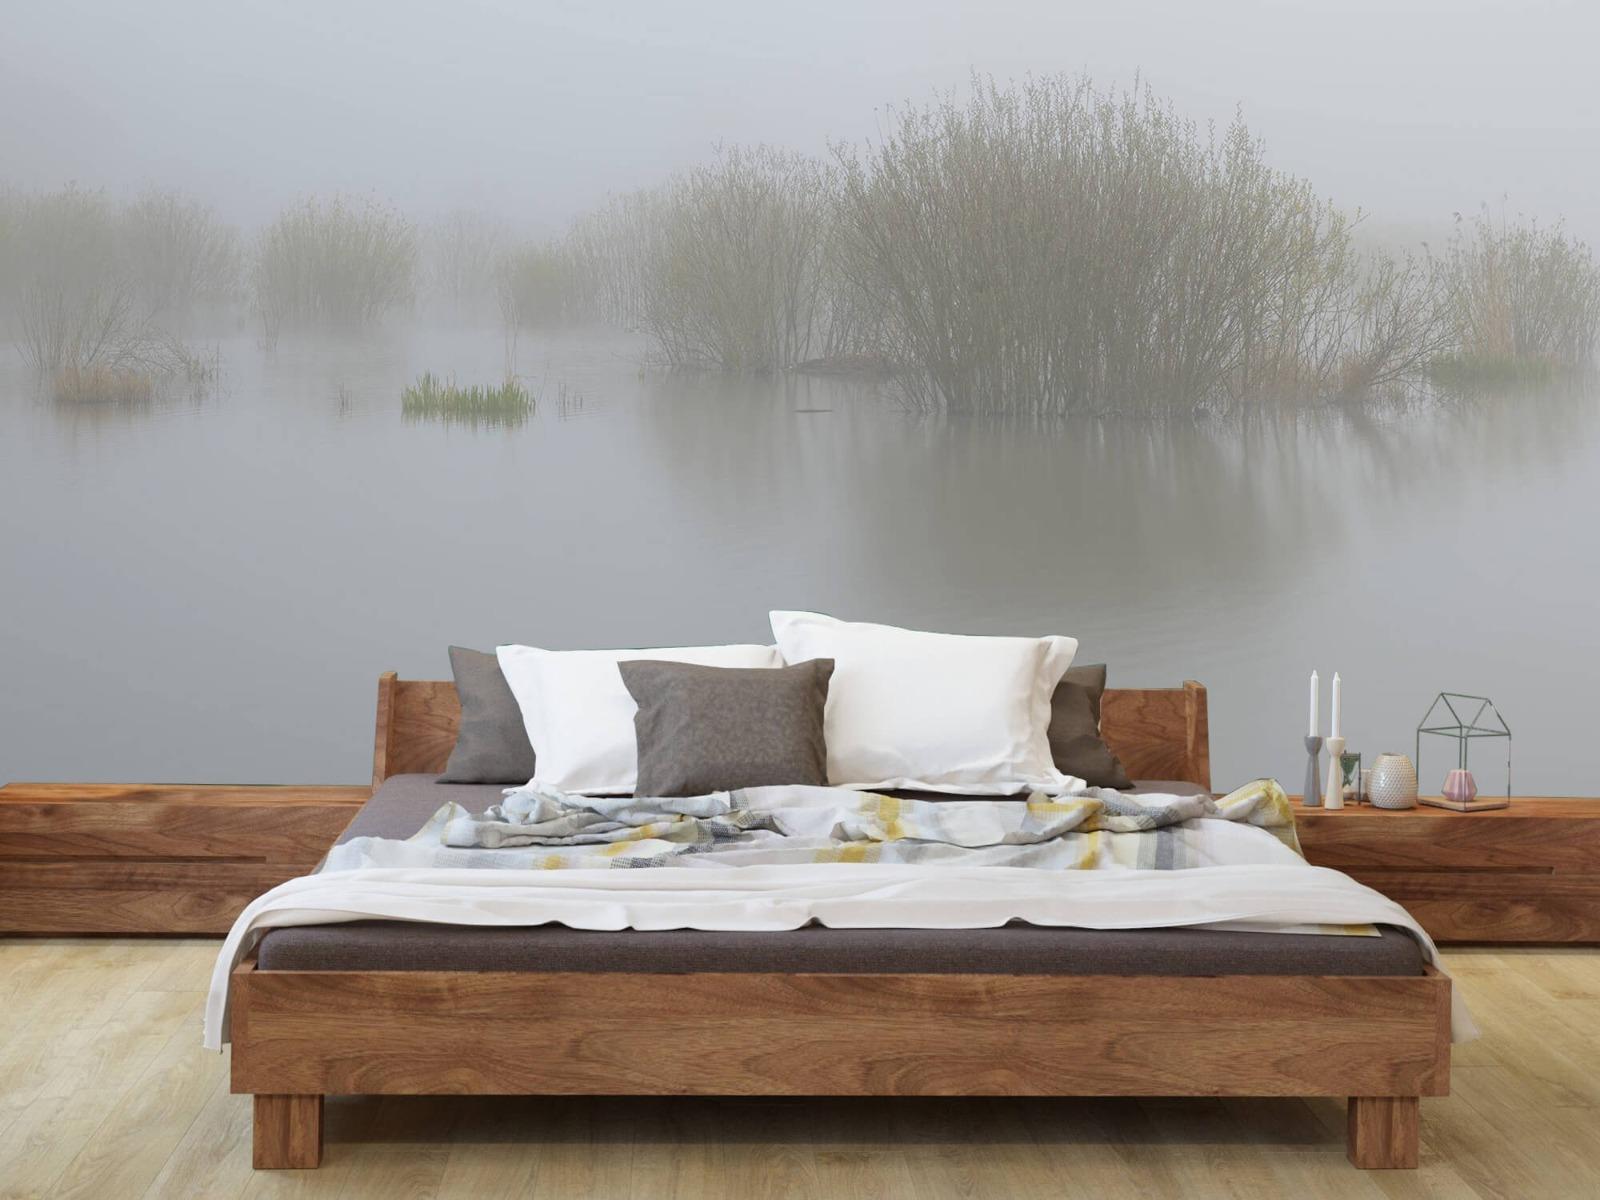 Landschap - Mist in natuurgebied - Slaapkamer 8